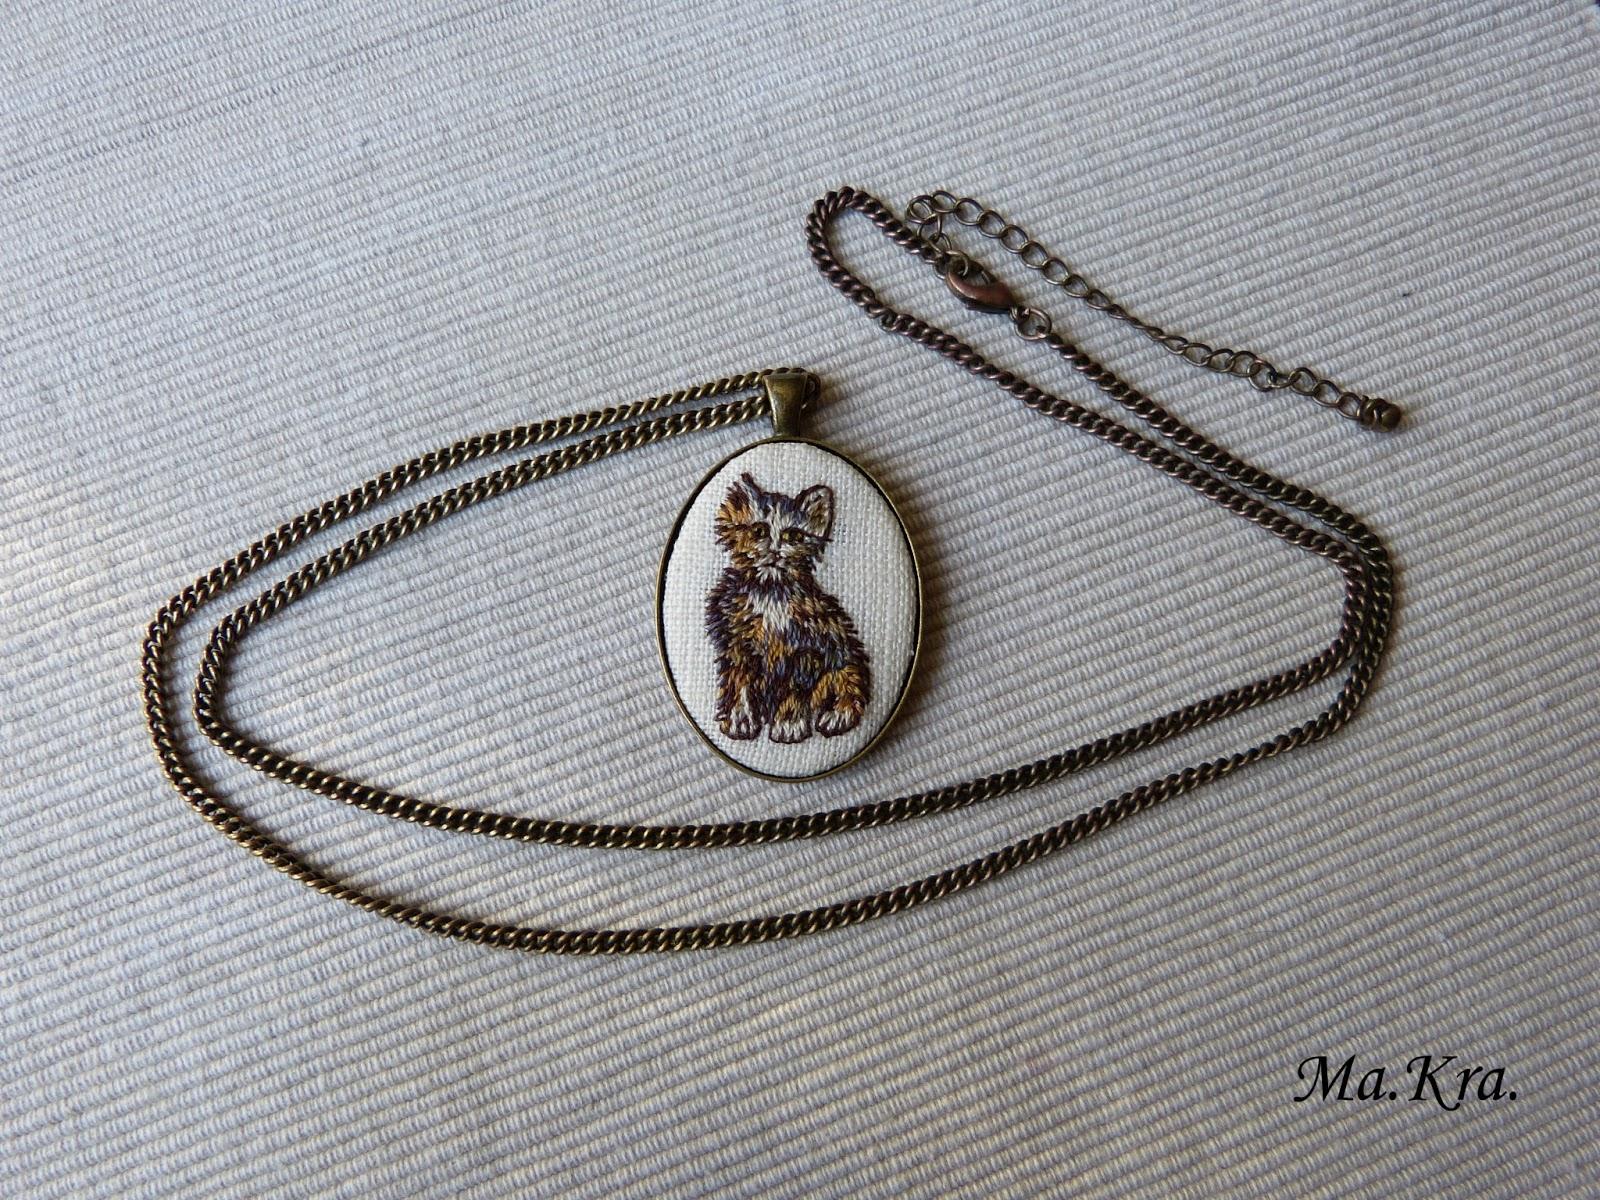 medalion z haftem